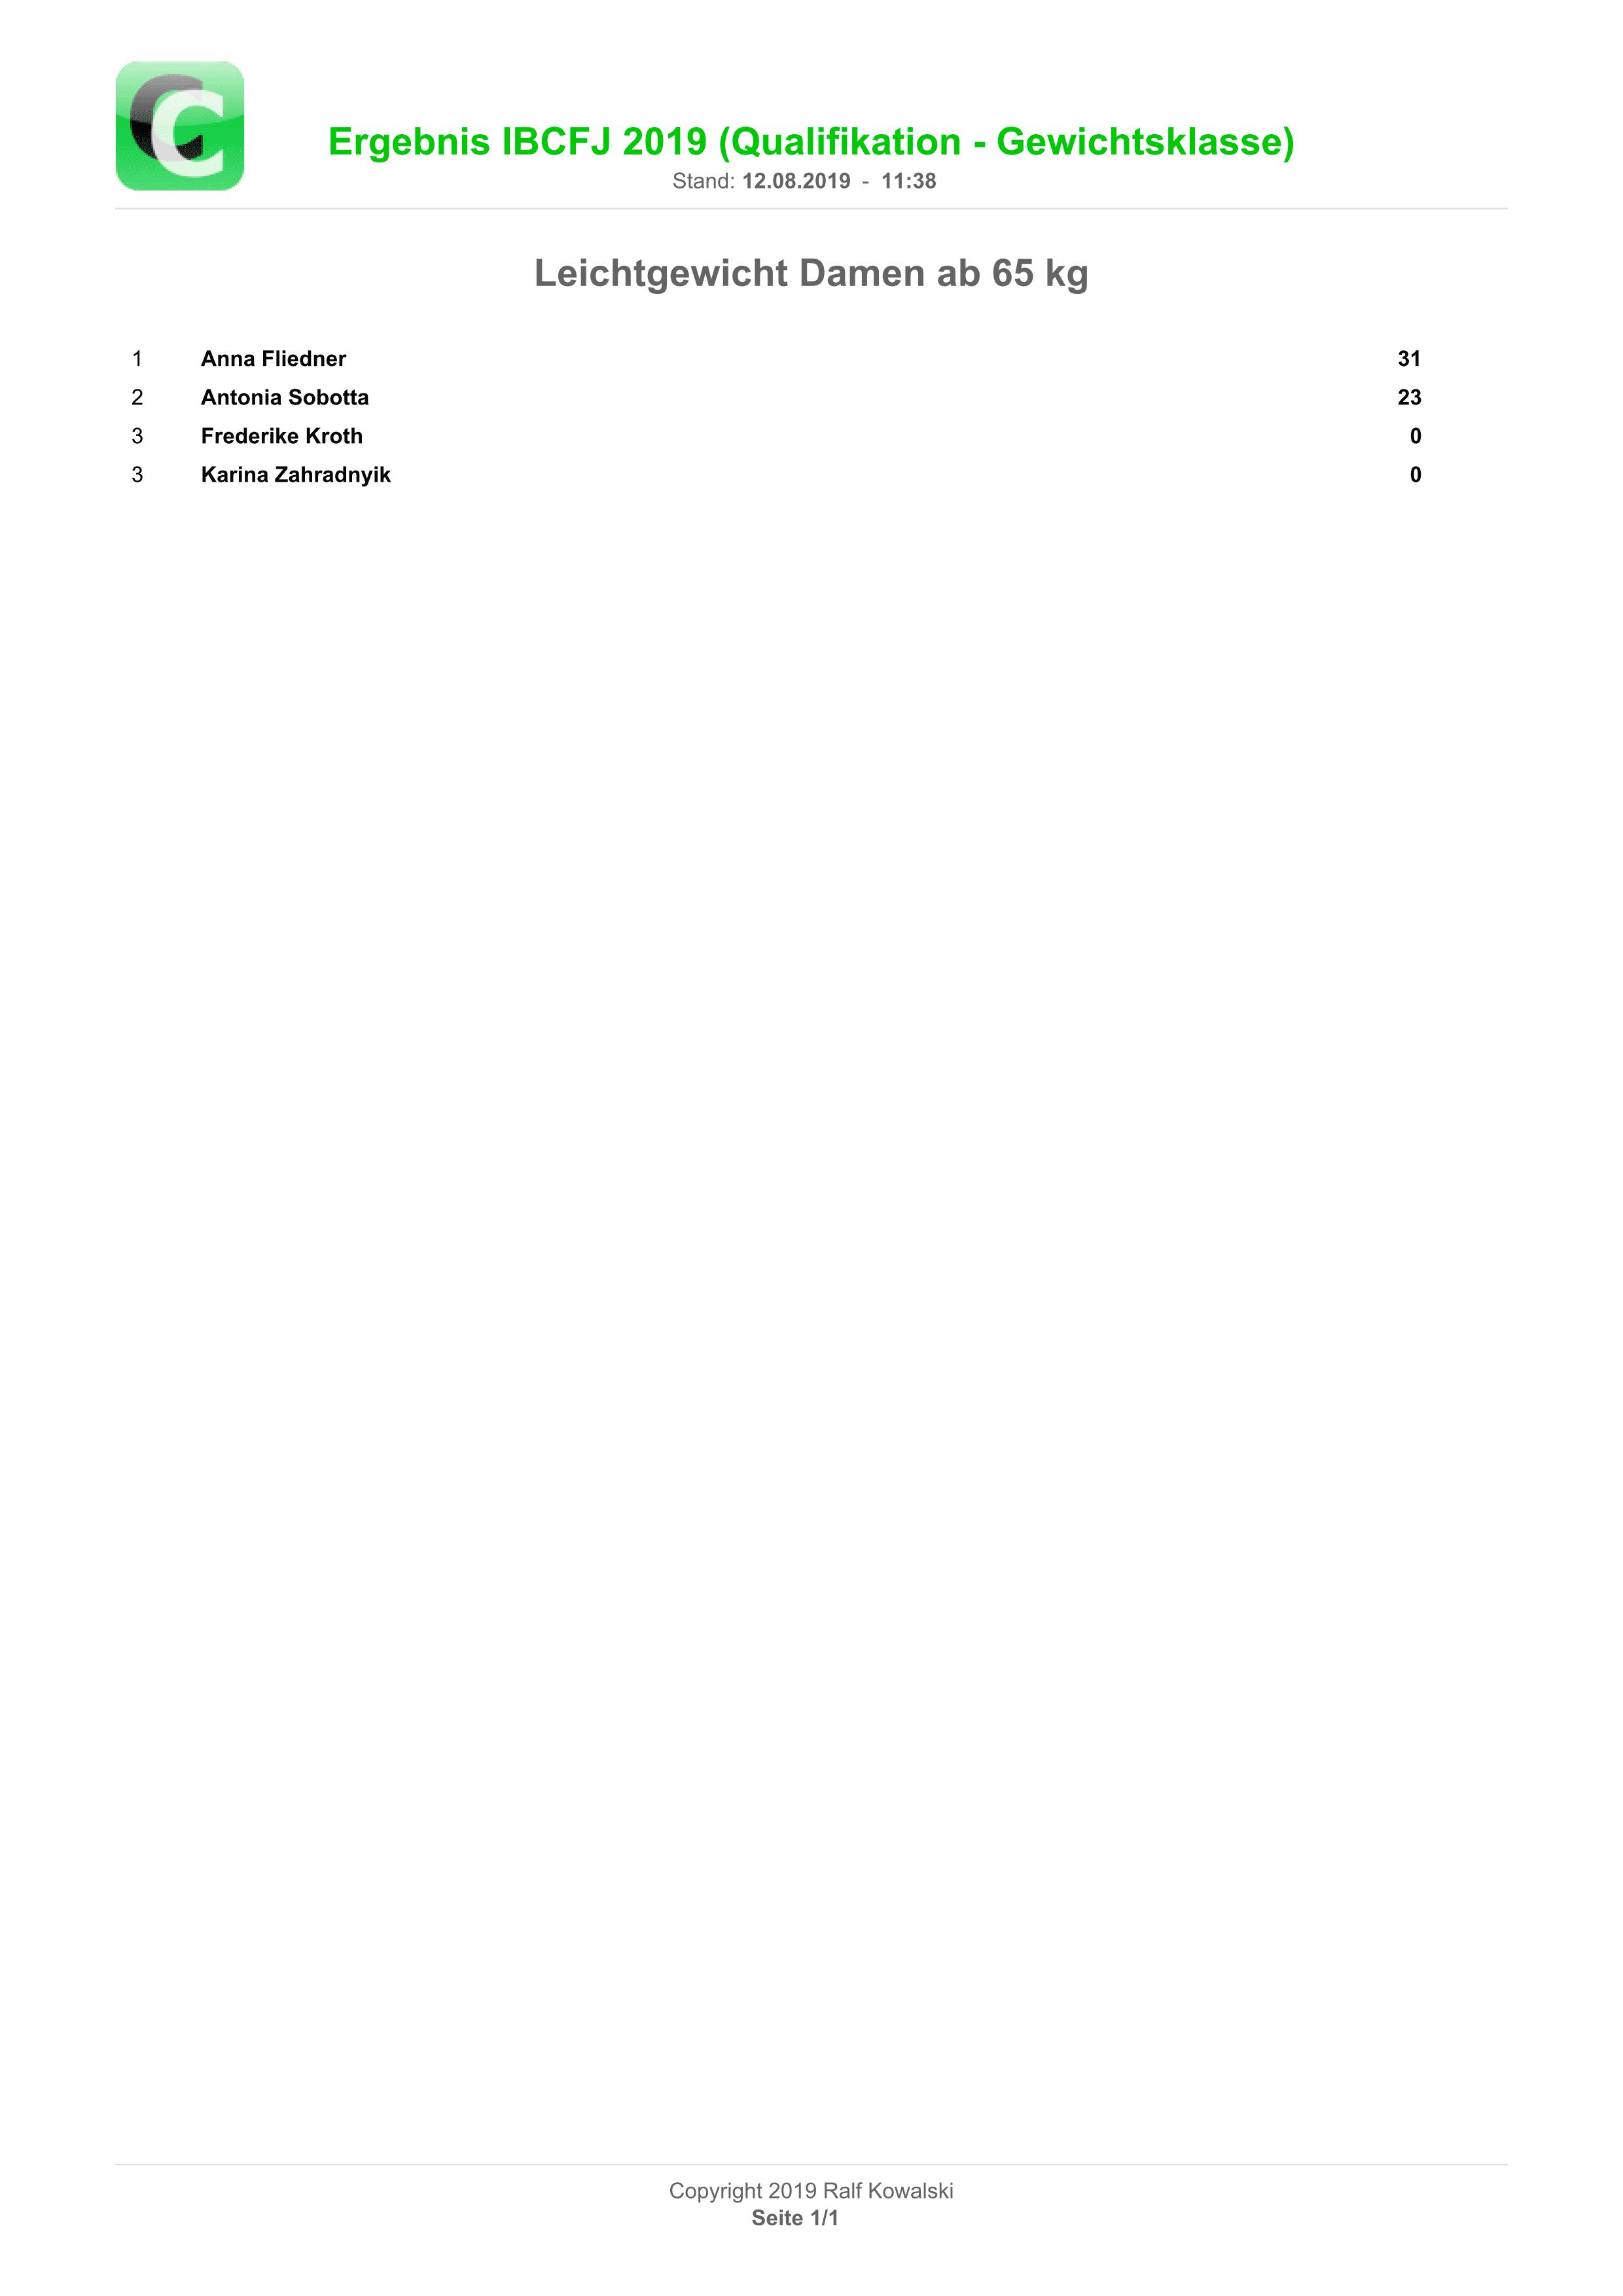 Ergebnisliste Leichtgewicht Damen